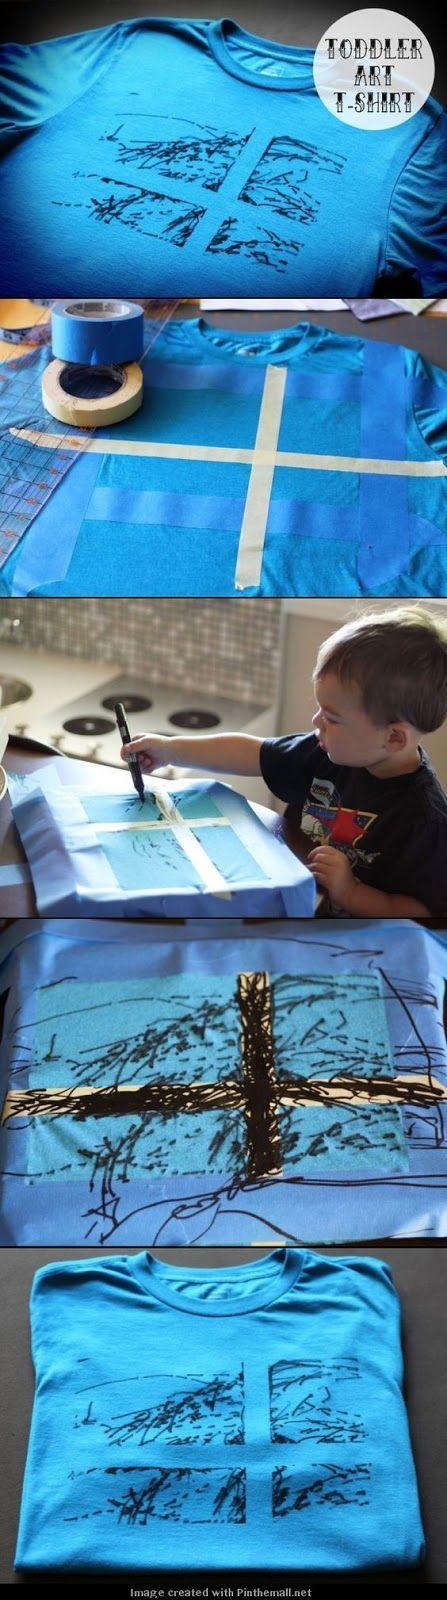 10 Super idéias de presentes DIY para o Dia dos Pais